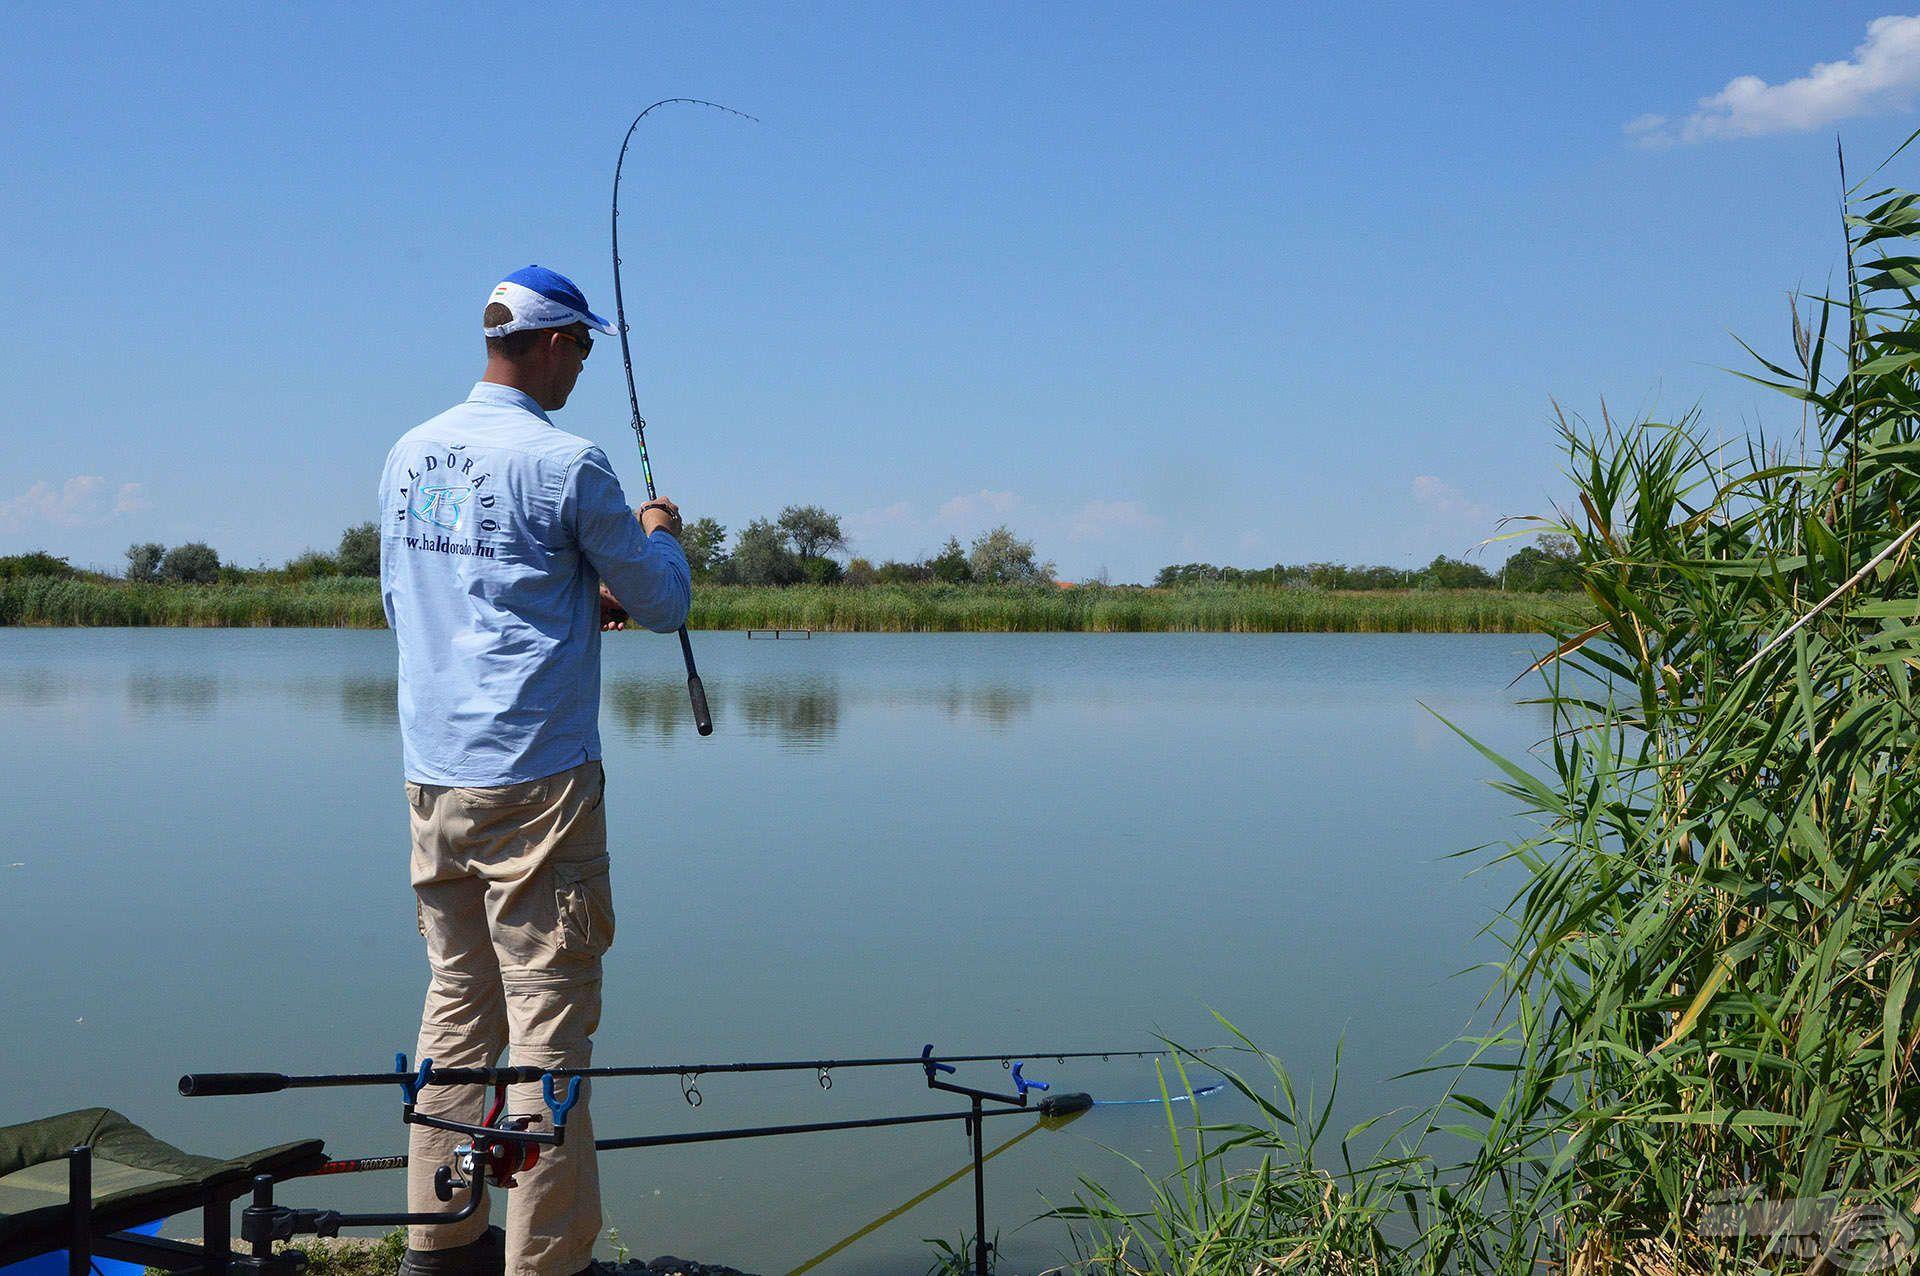 Remek szórakozásban és pörgős horgászatban volt részünk